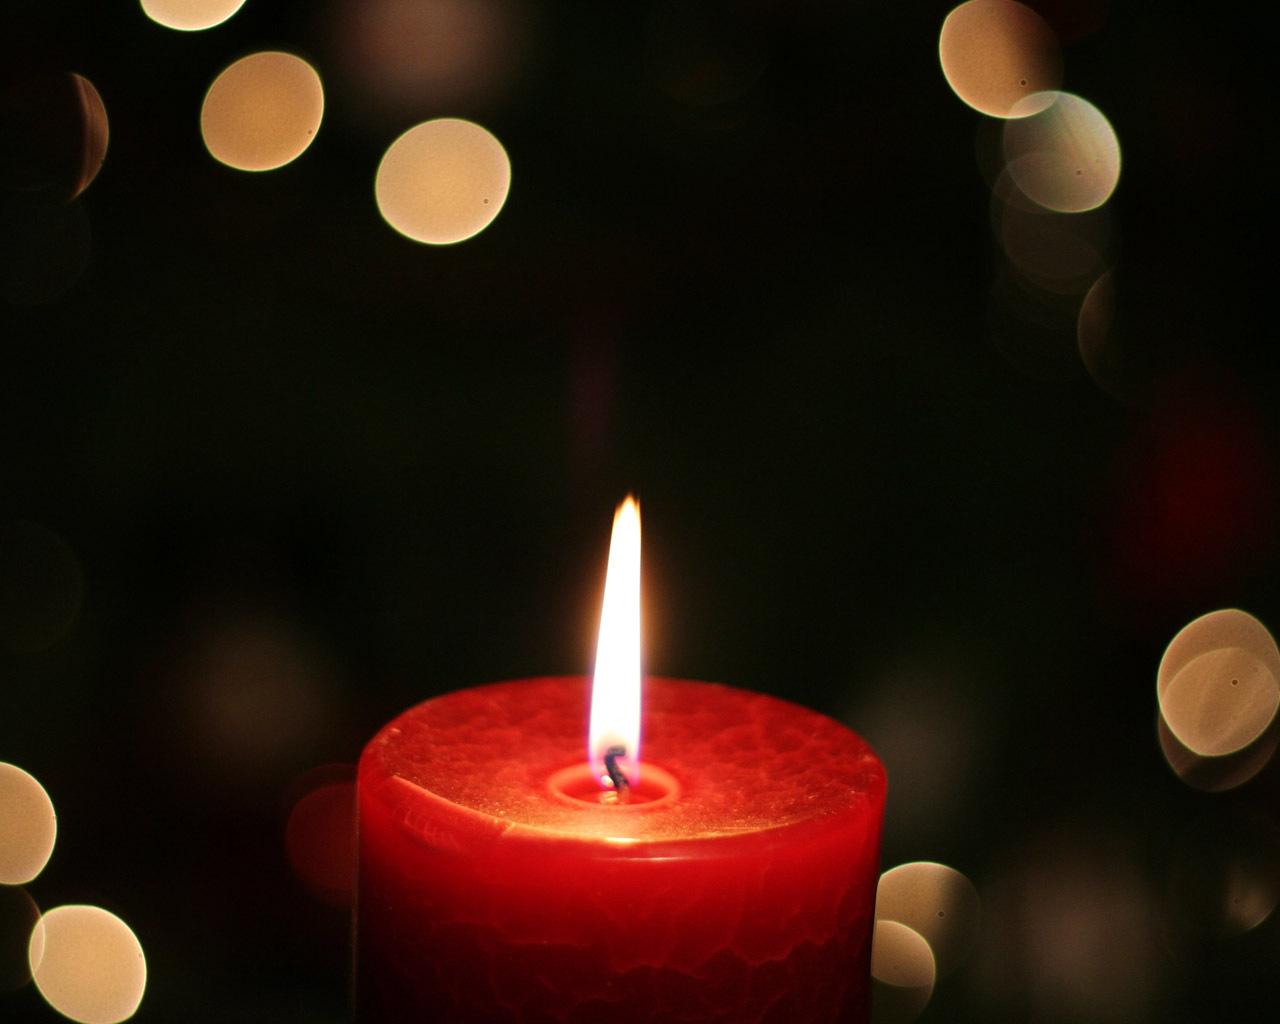 Flickering Candle Wallpaper for your Desktop Naldz Graphics